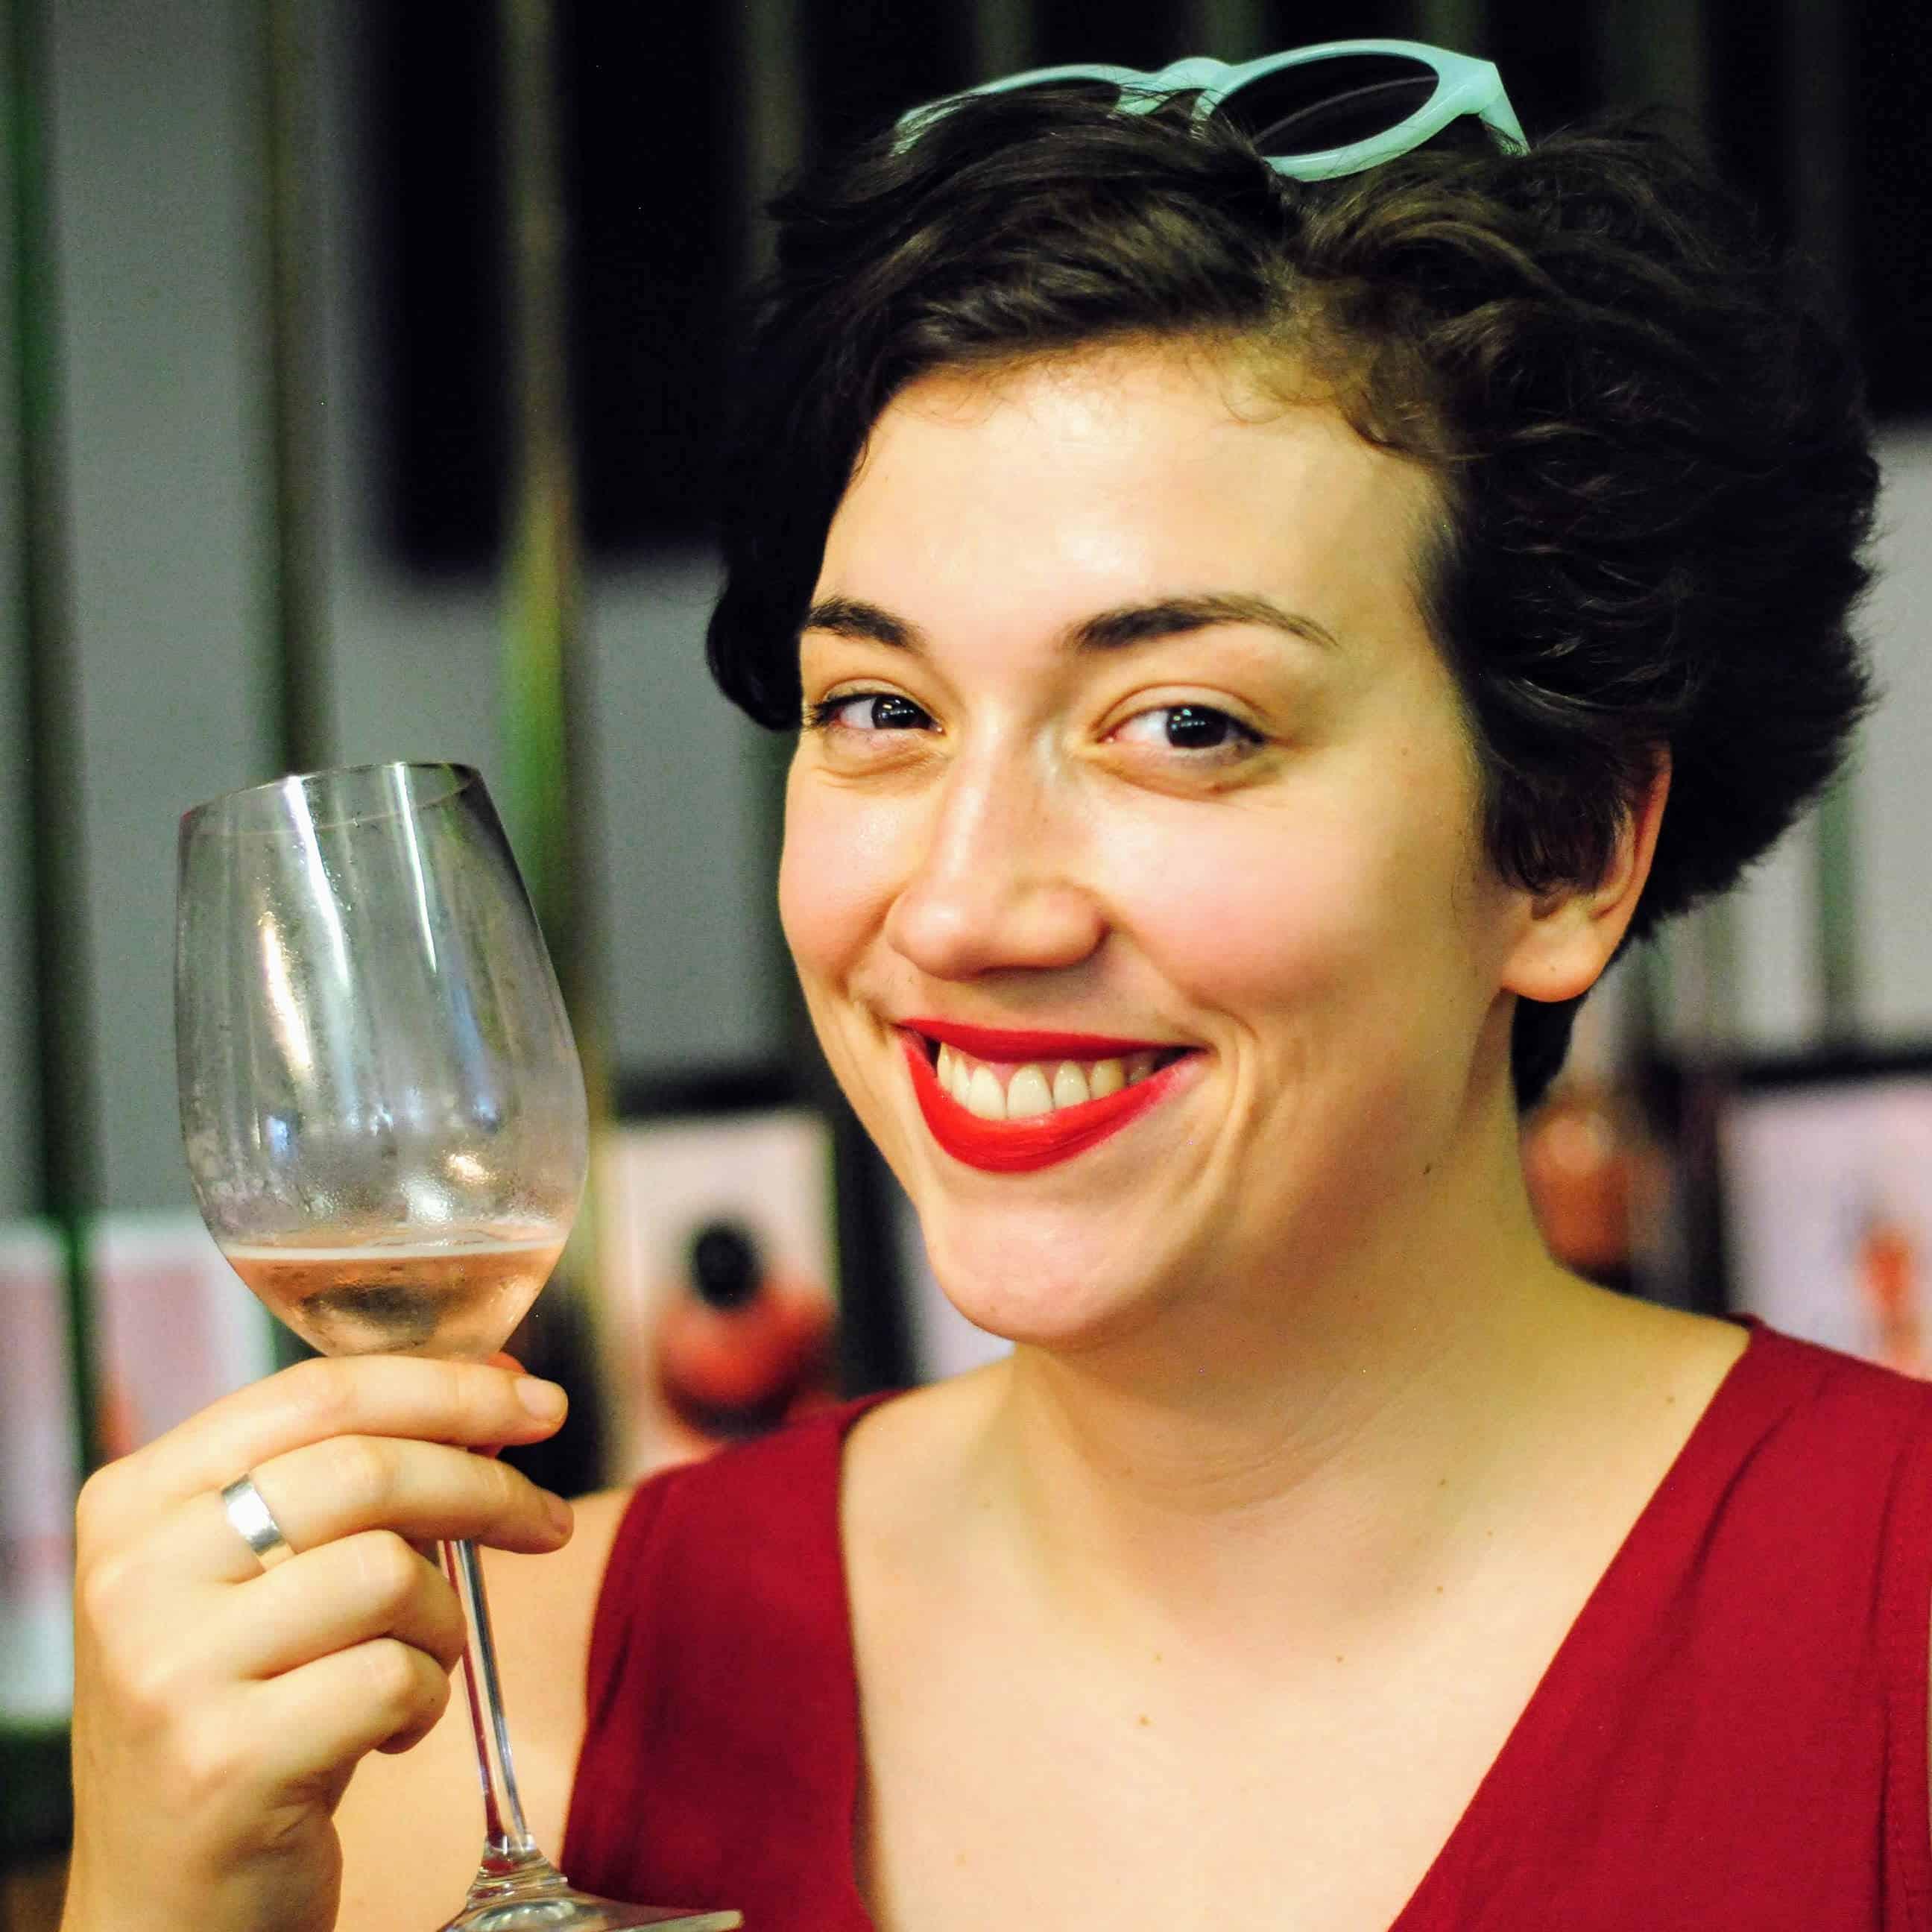 Ich bin Valerie. Und ich trinke Wein!